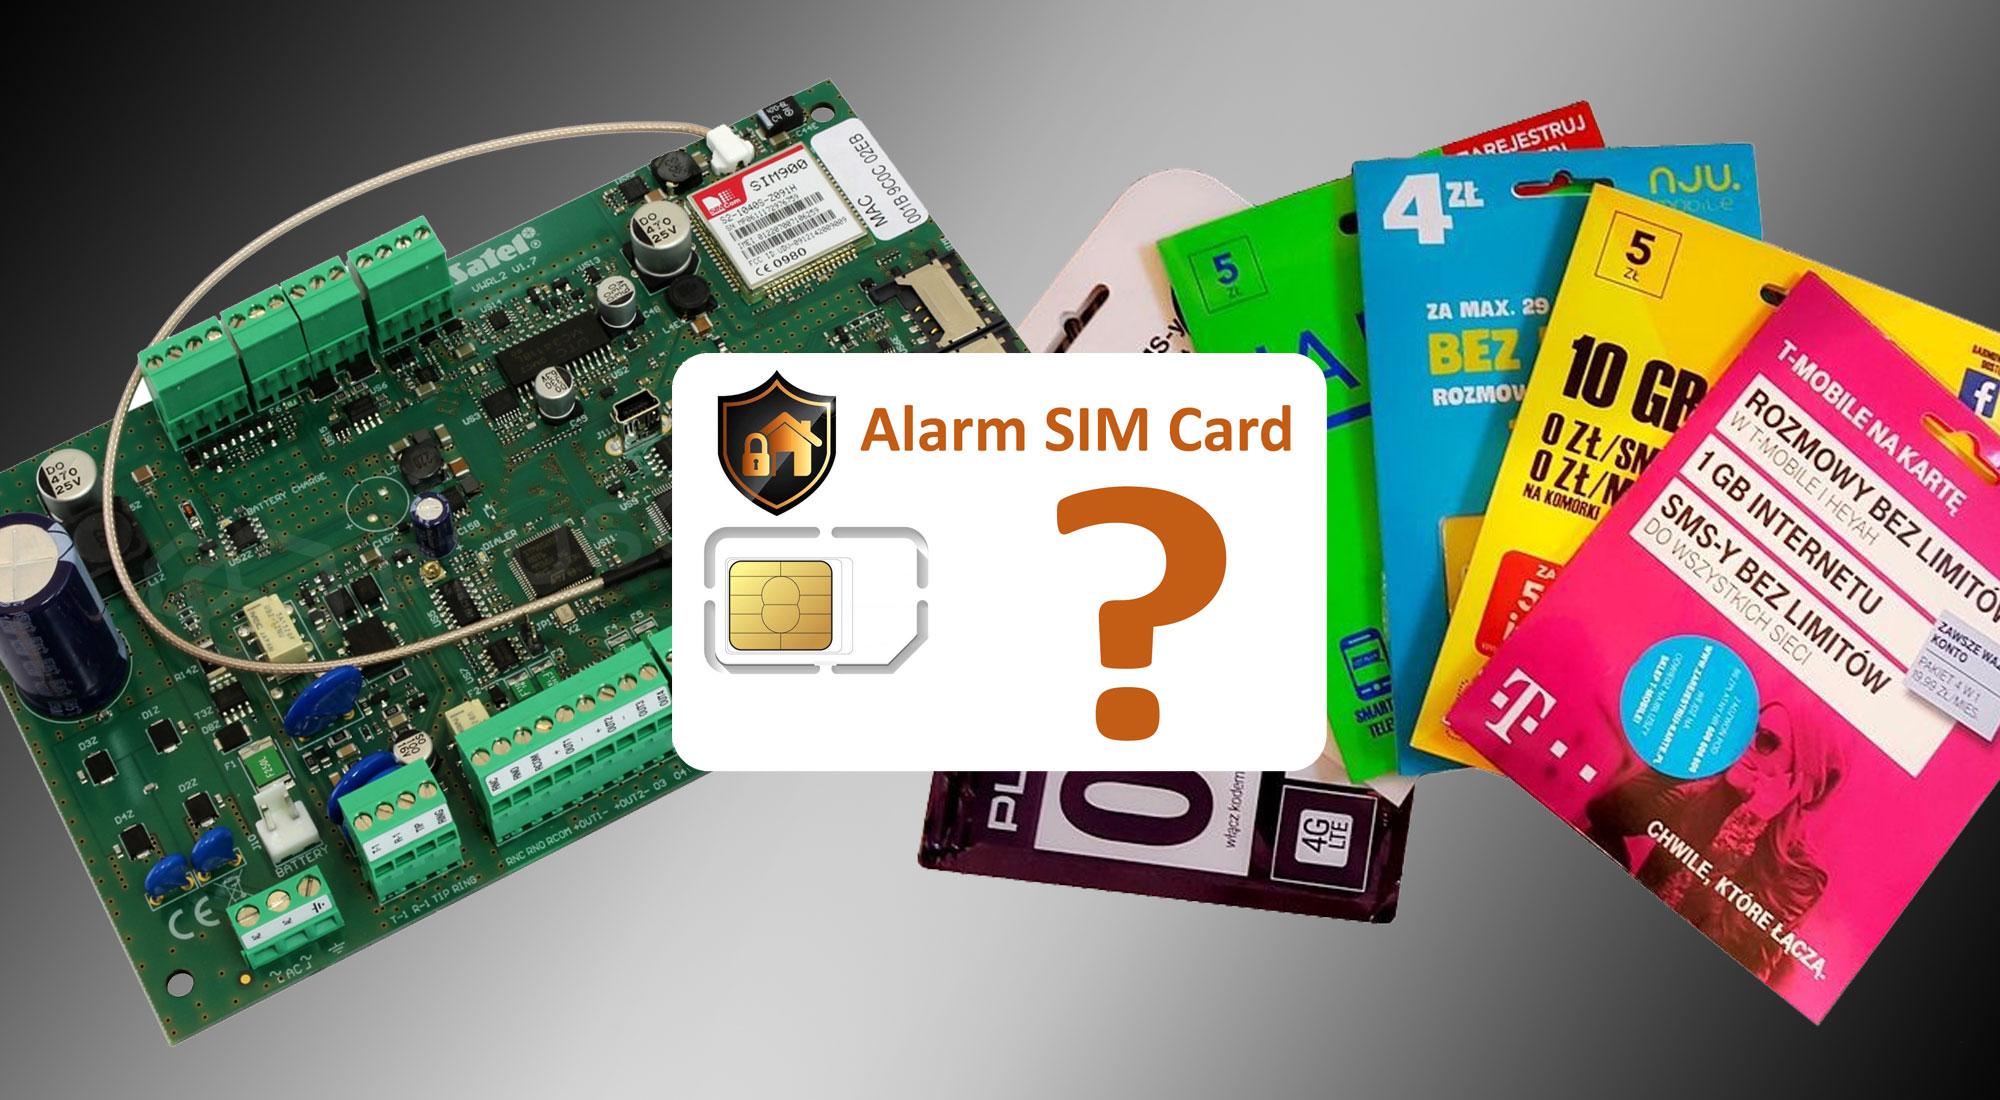 Jaka karta SIM do instalacji alarmowej